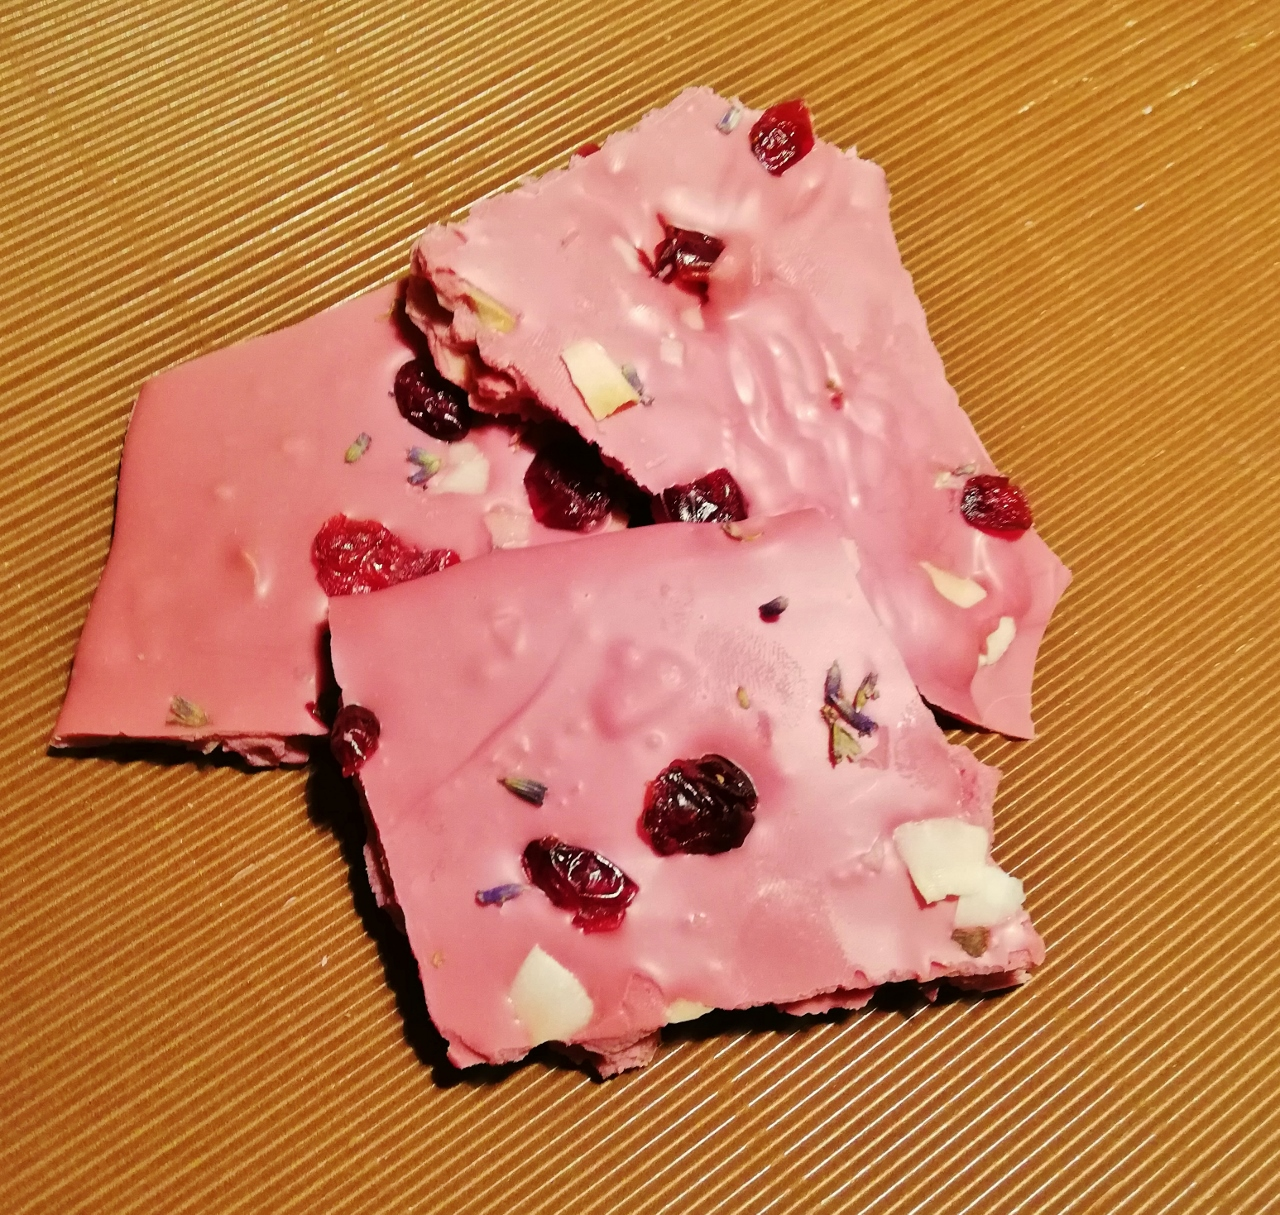 Rubyschokolade mit Cranberries, Kokoschips und Lavendel